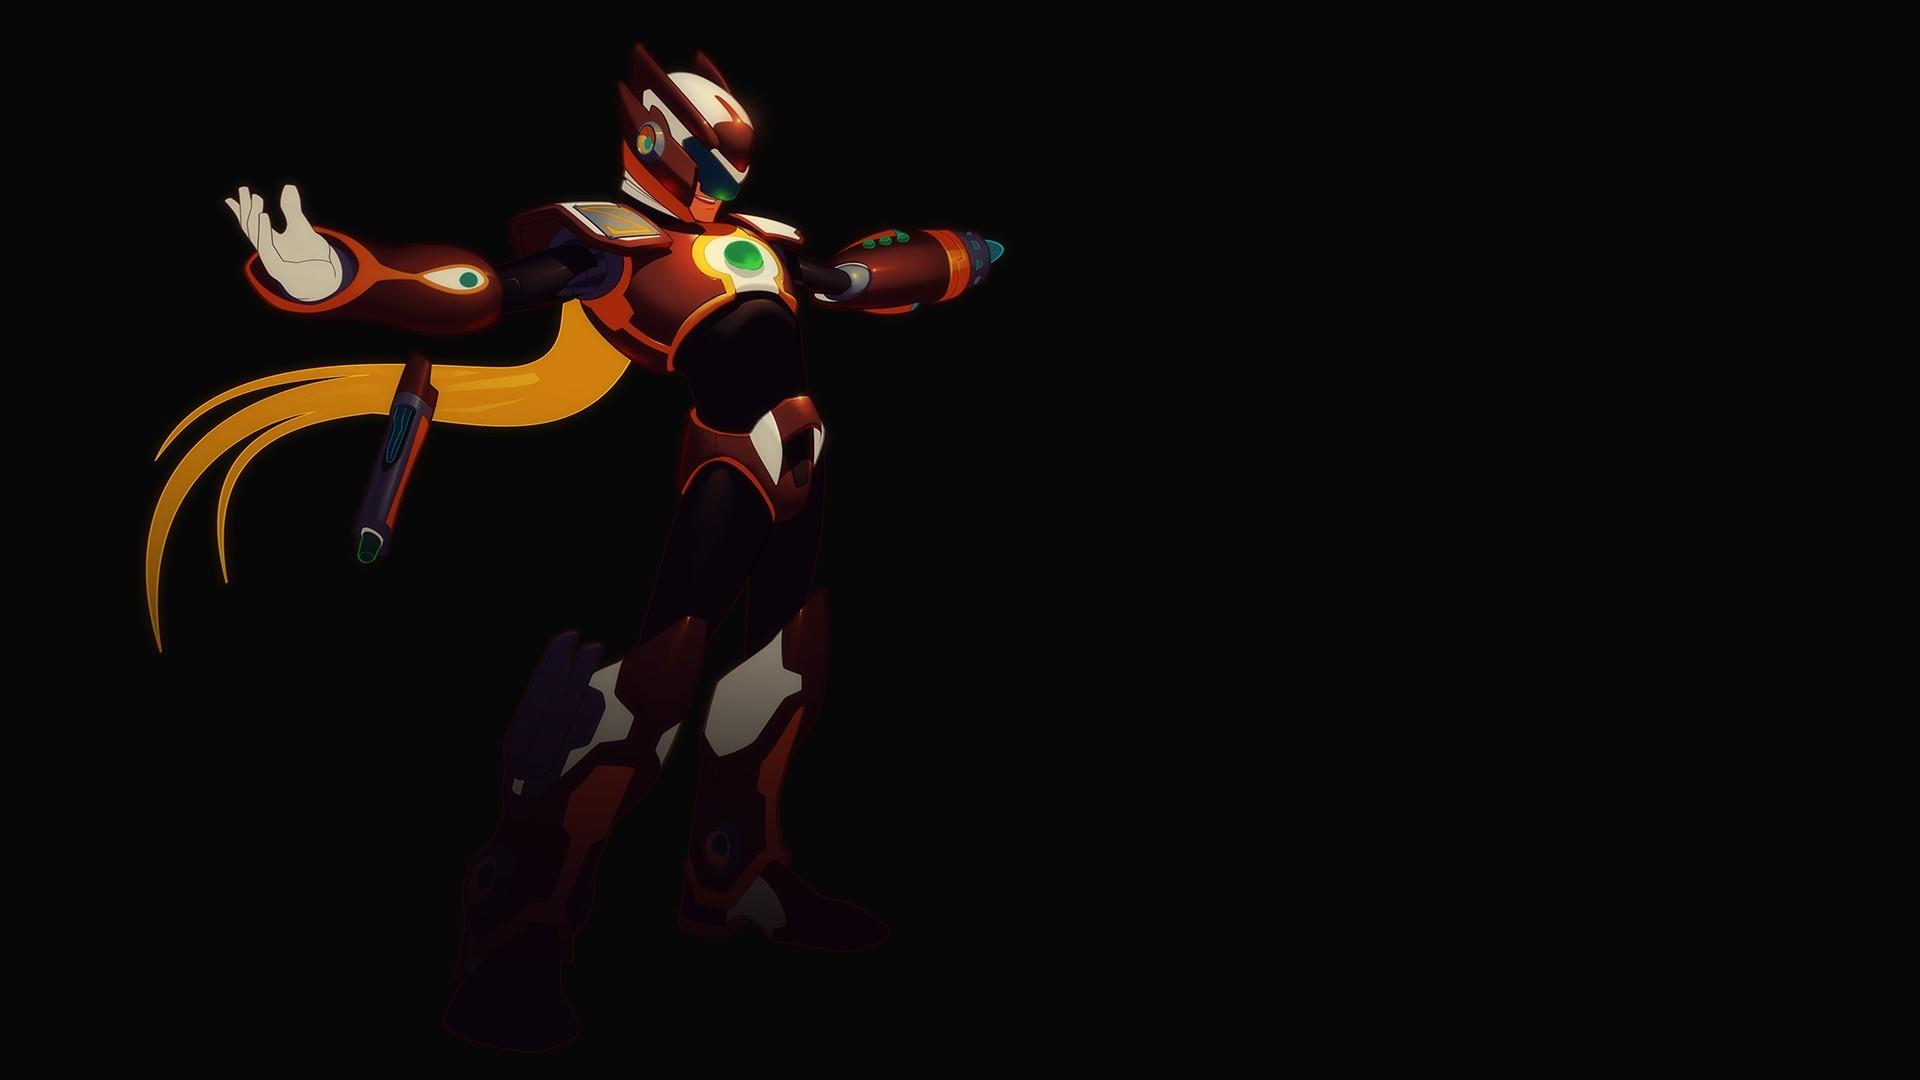 Megaman Zero Wallpaper – WallpaperSafari